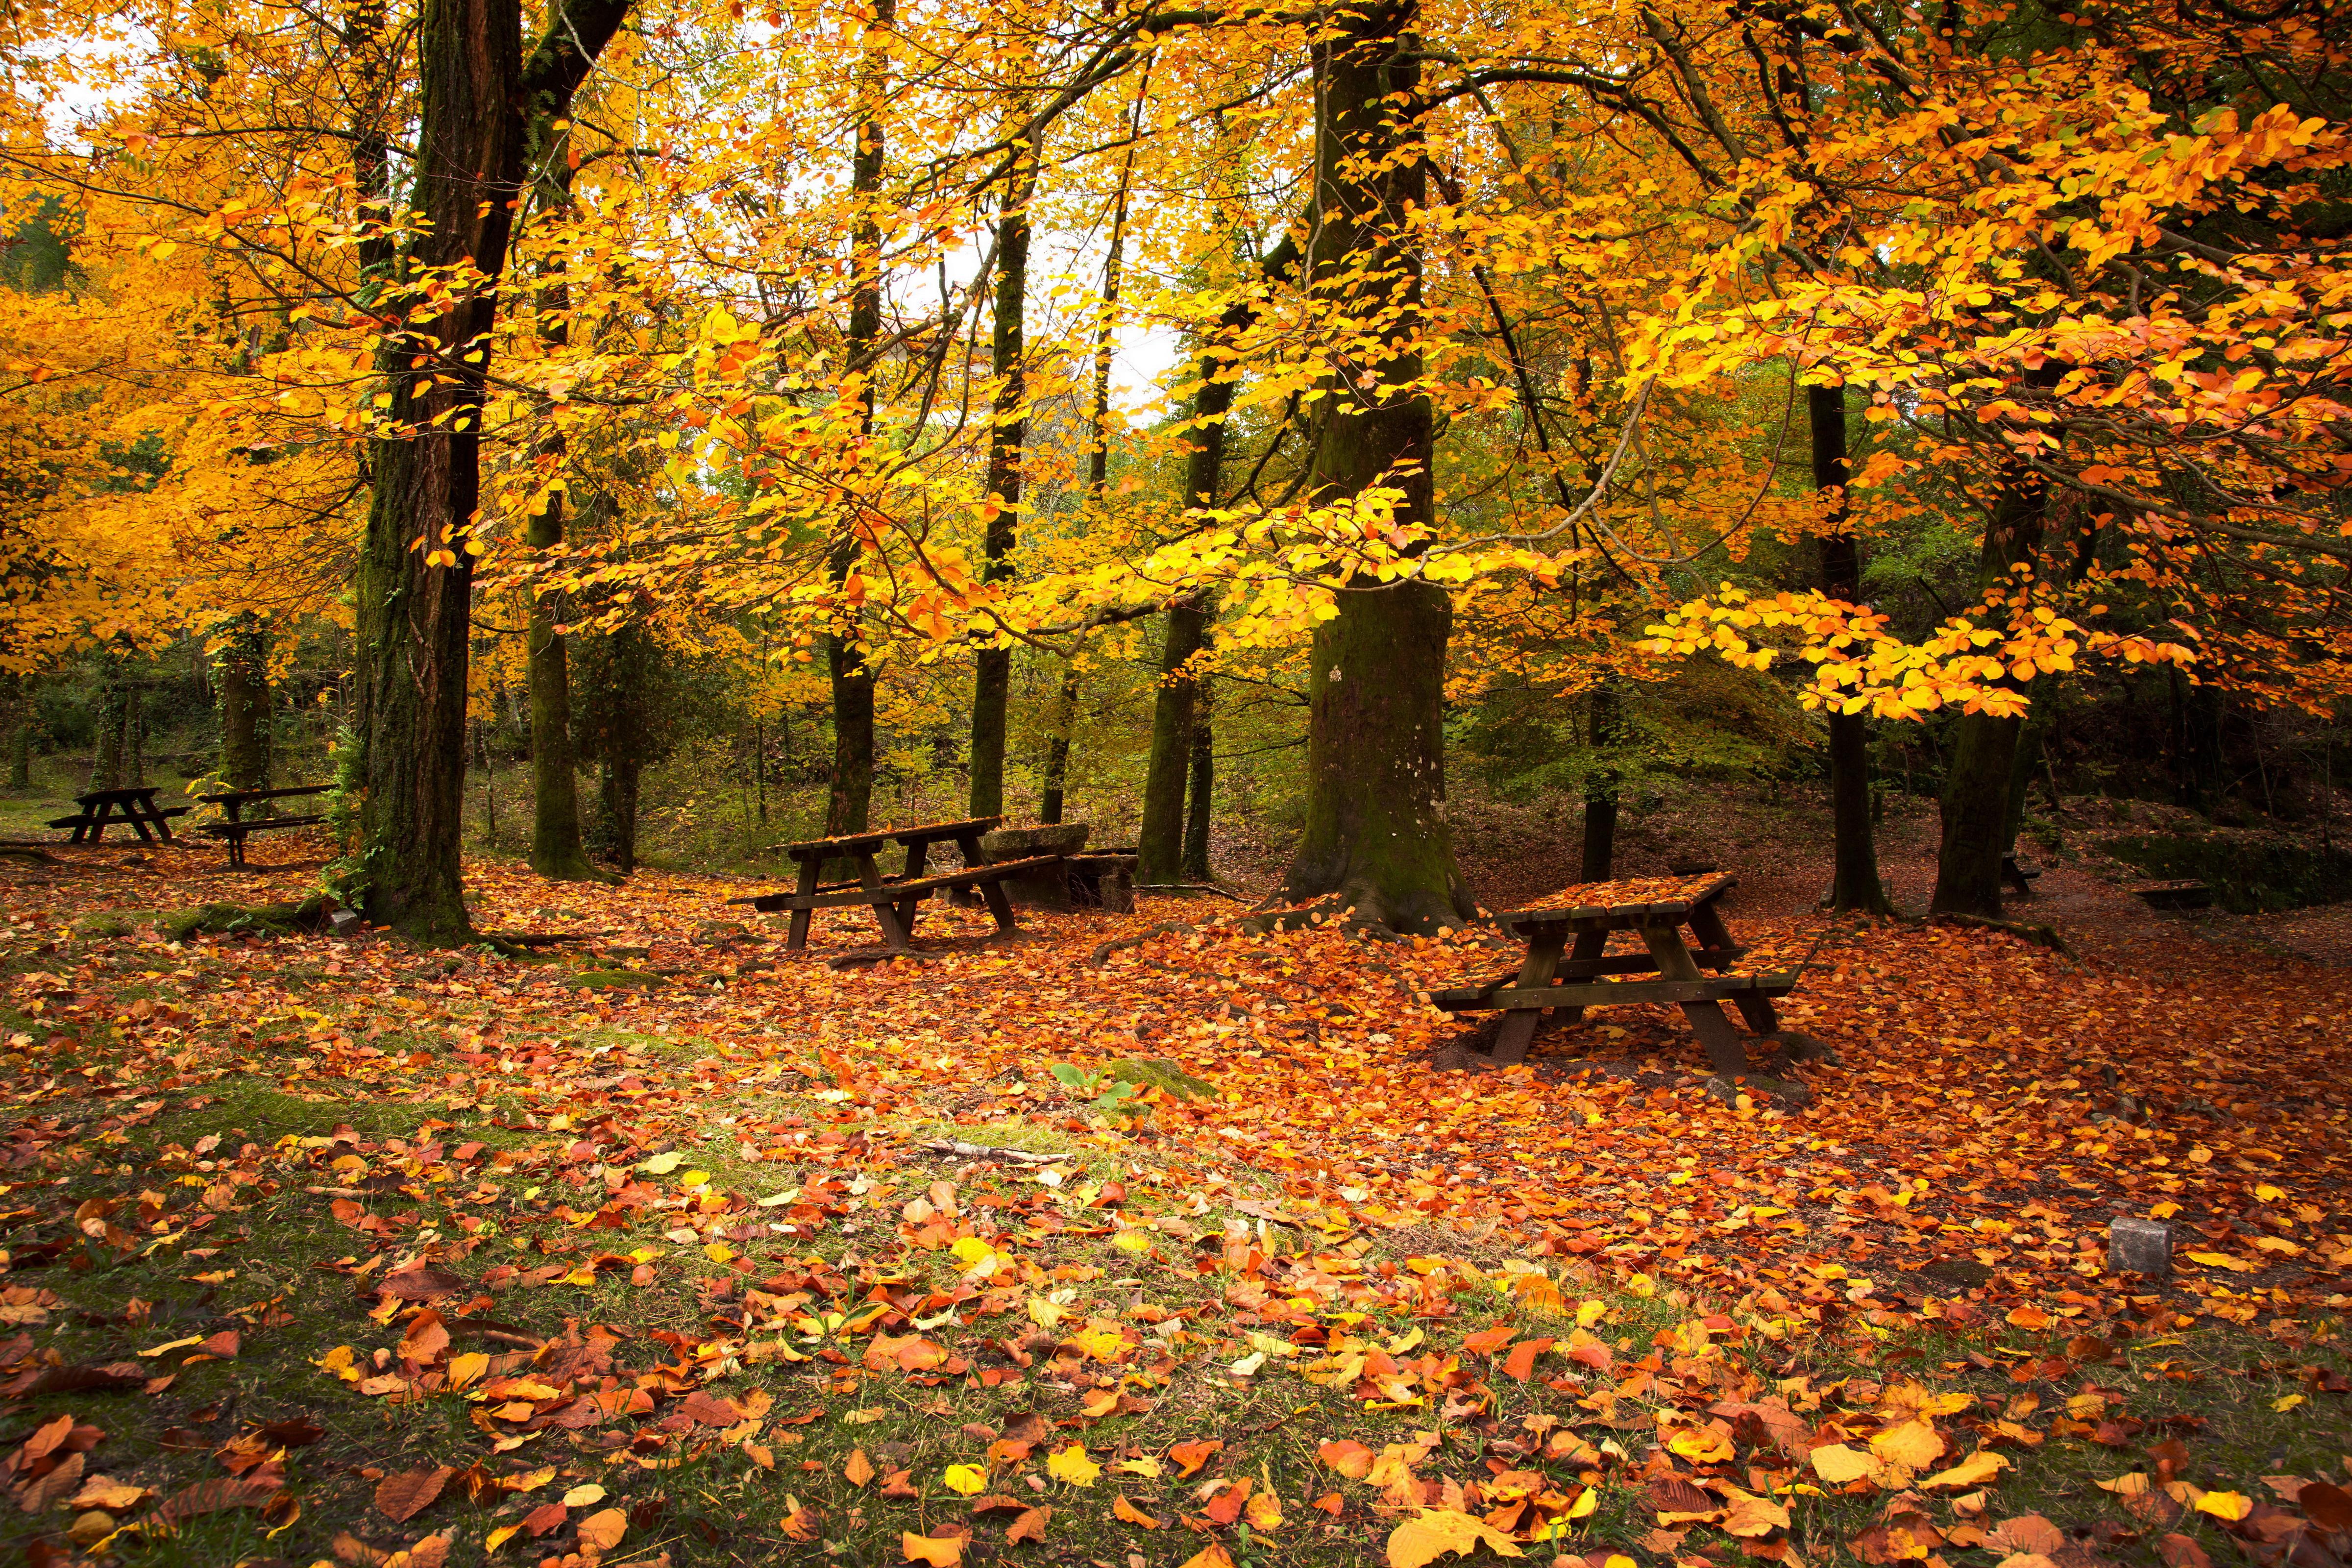 Осенний лиственный лес  № 3193533 бесплатно